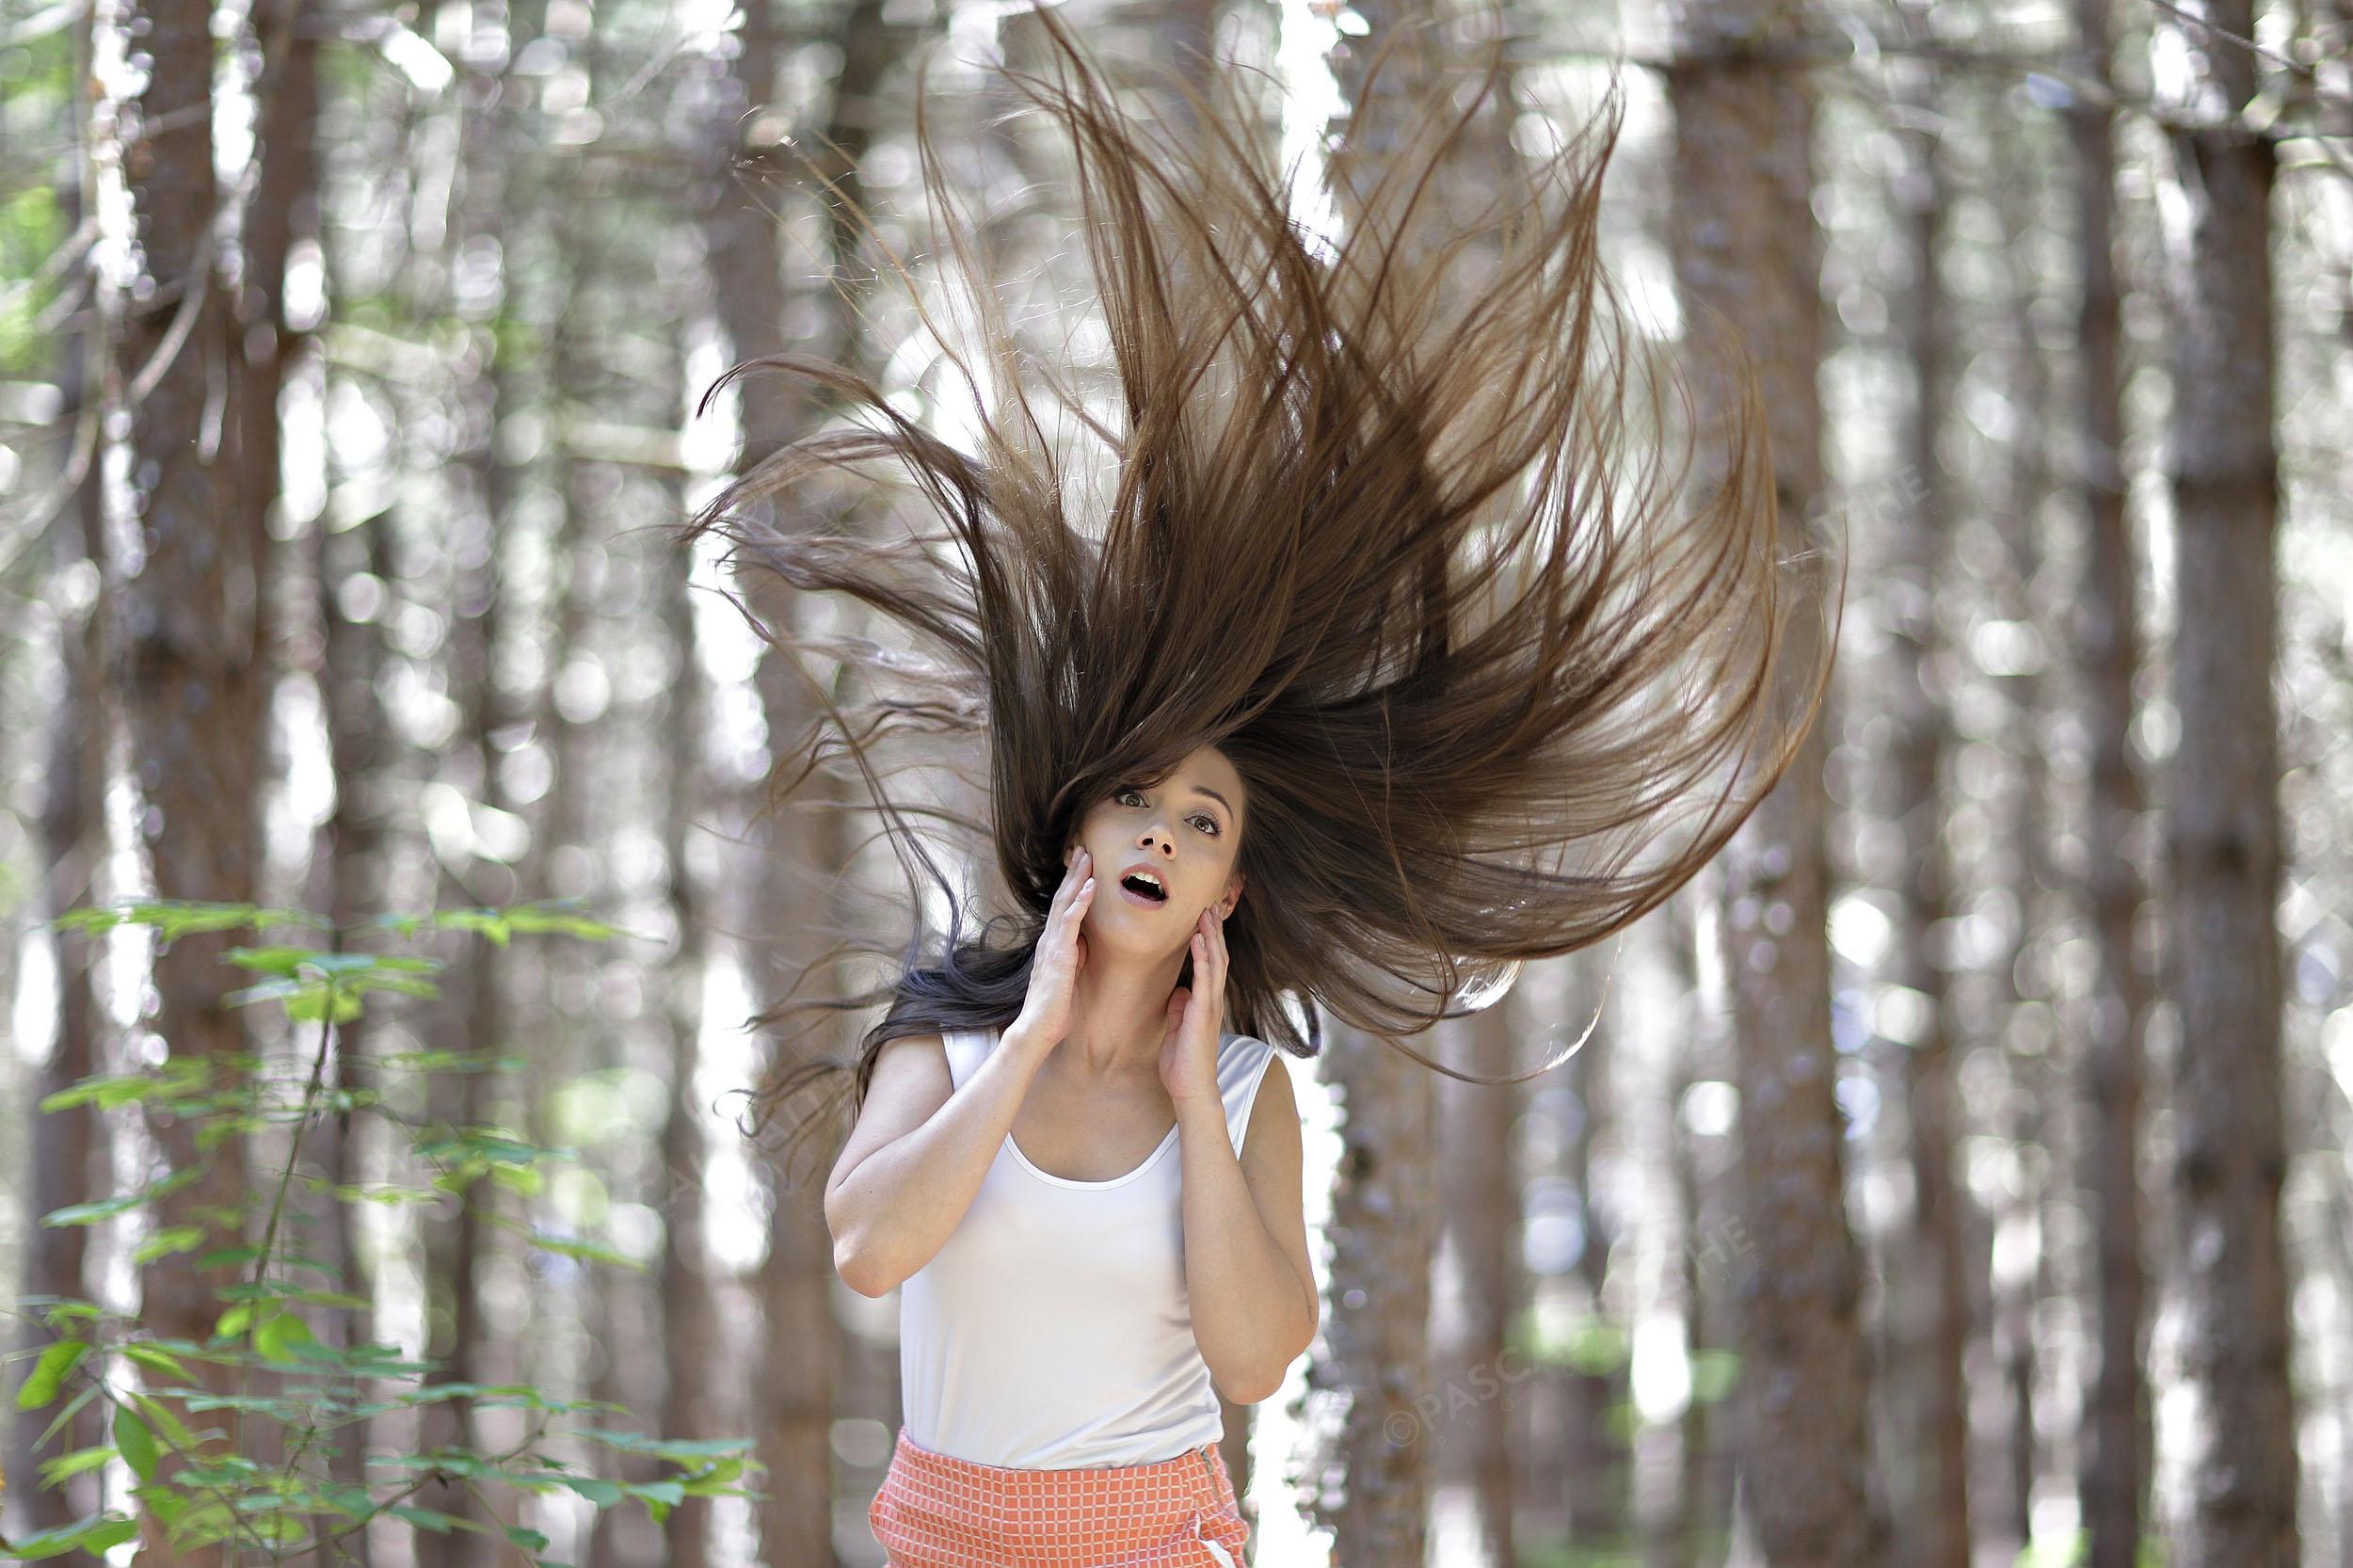 Une brunette dans les bois les cheveux en l'air prise sur le vif